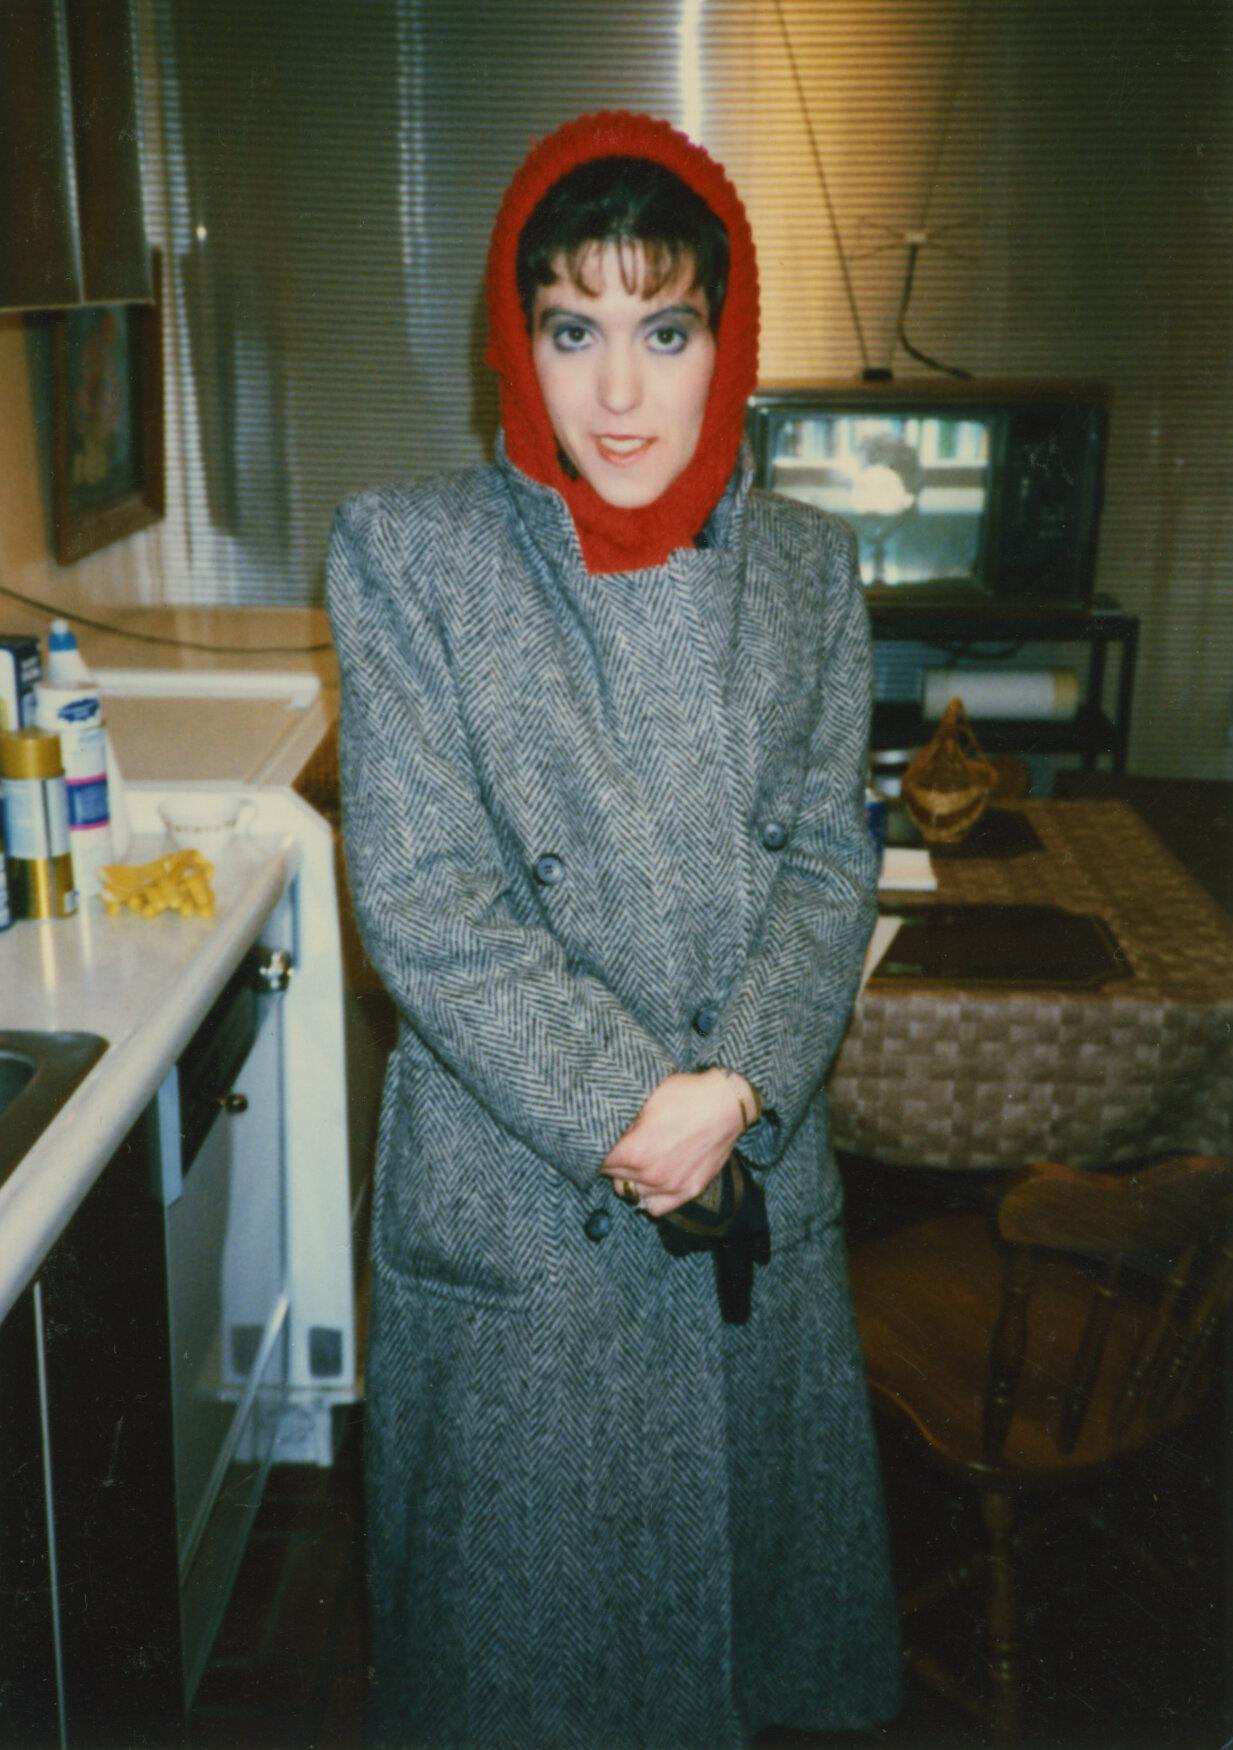 Unbekannt, Woman Displaying Various Outfits, 1980/90er-Jahre, Silbergelatinepapier, je 12,7 x 8,9 cm, The Walther Collection, New York/Neu-Ulm, © Mit freundlicher Genehmigung von The Walther Collection